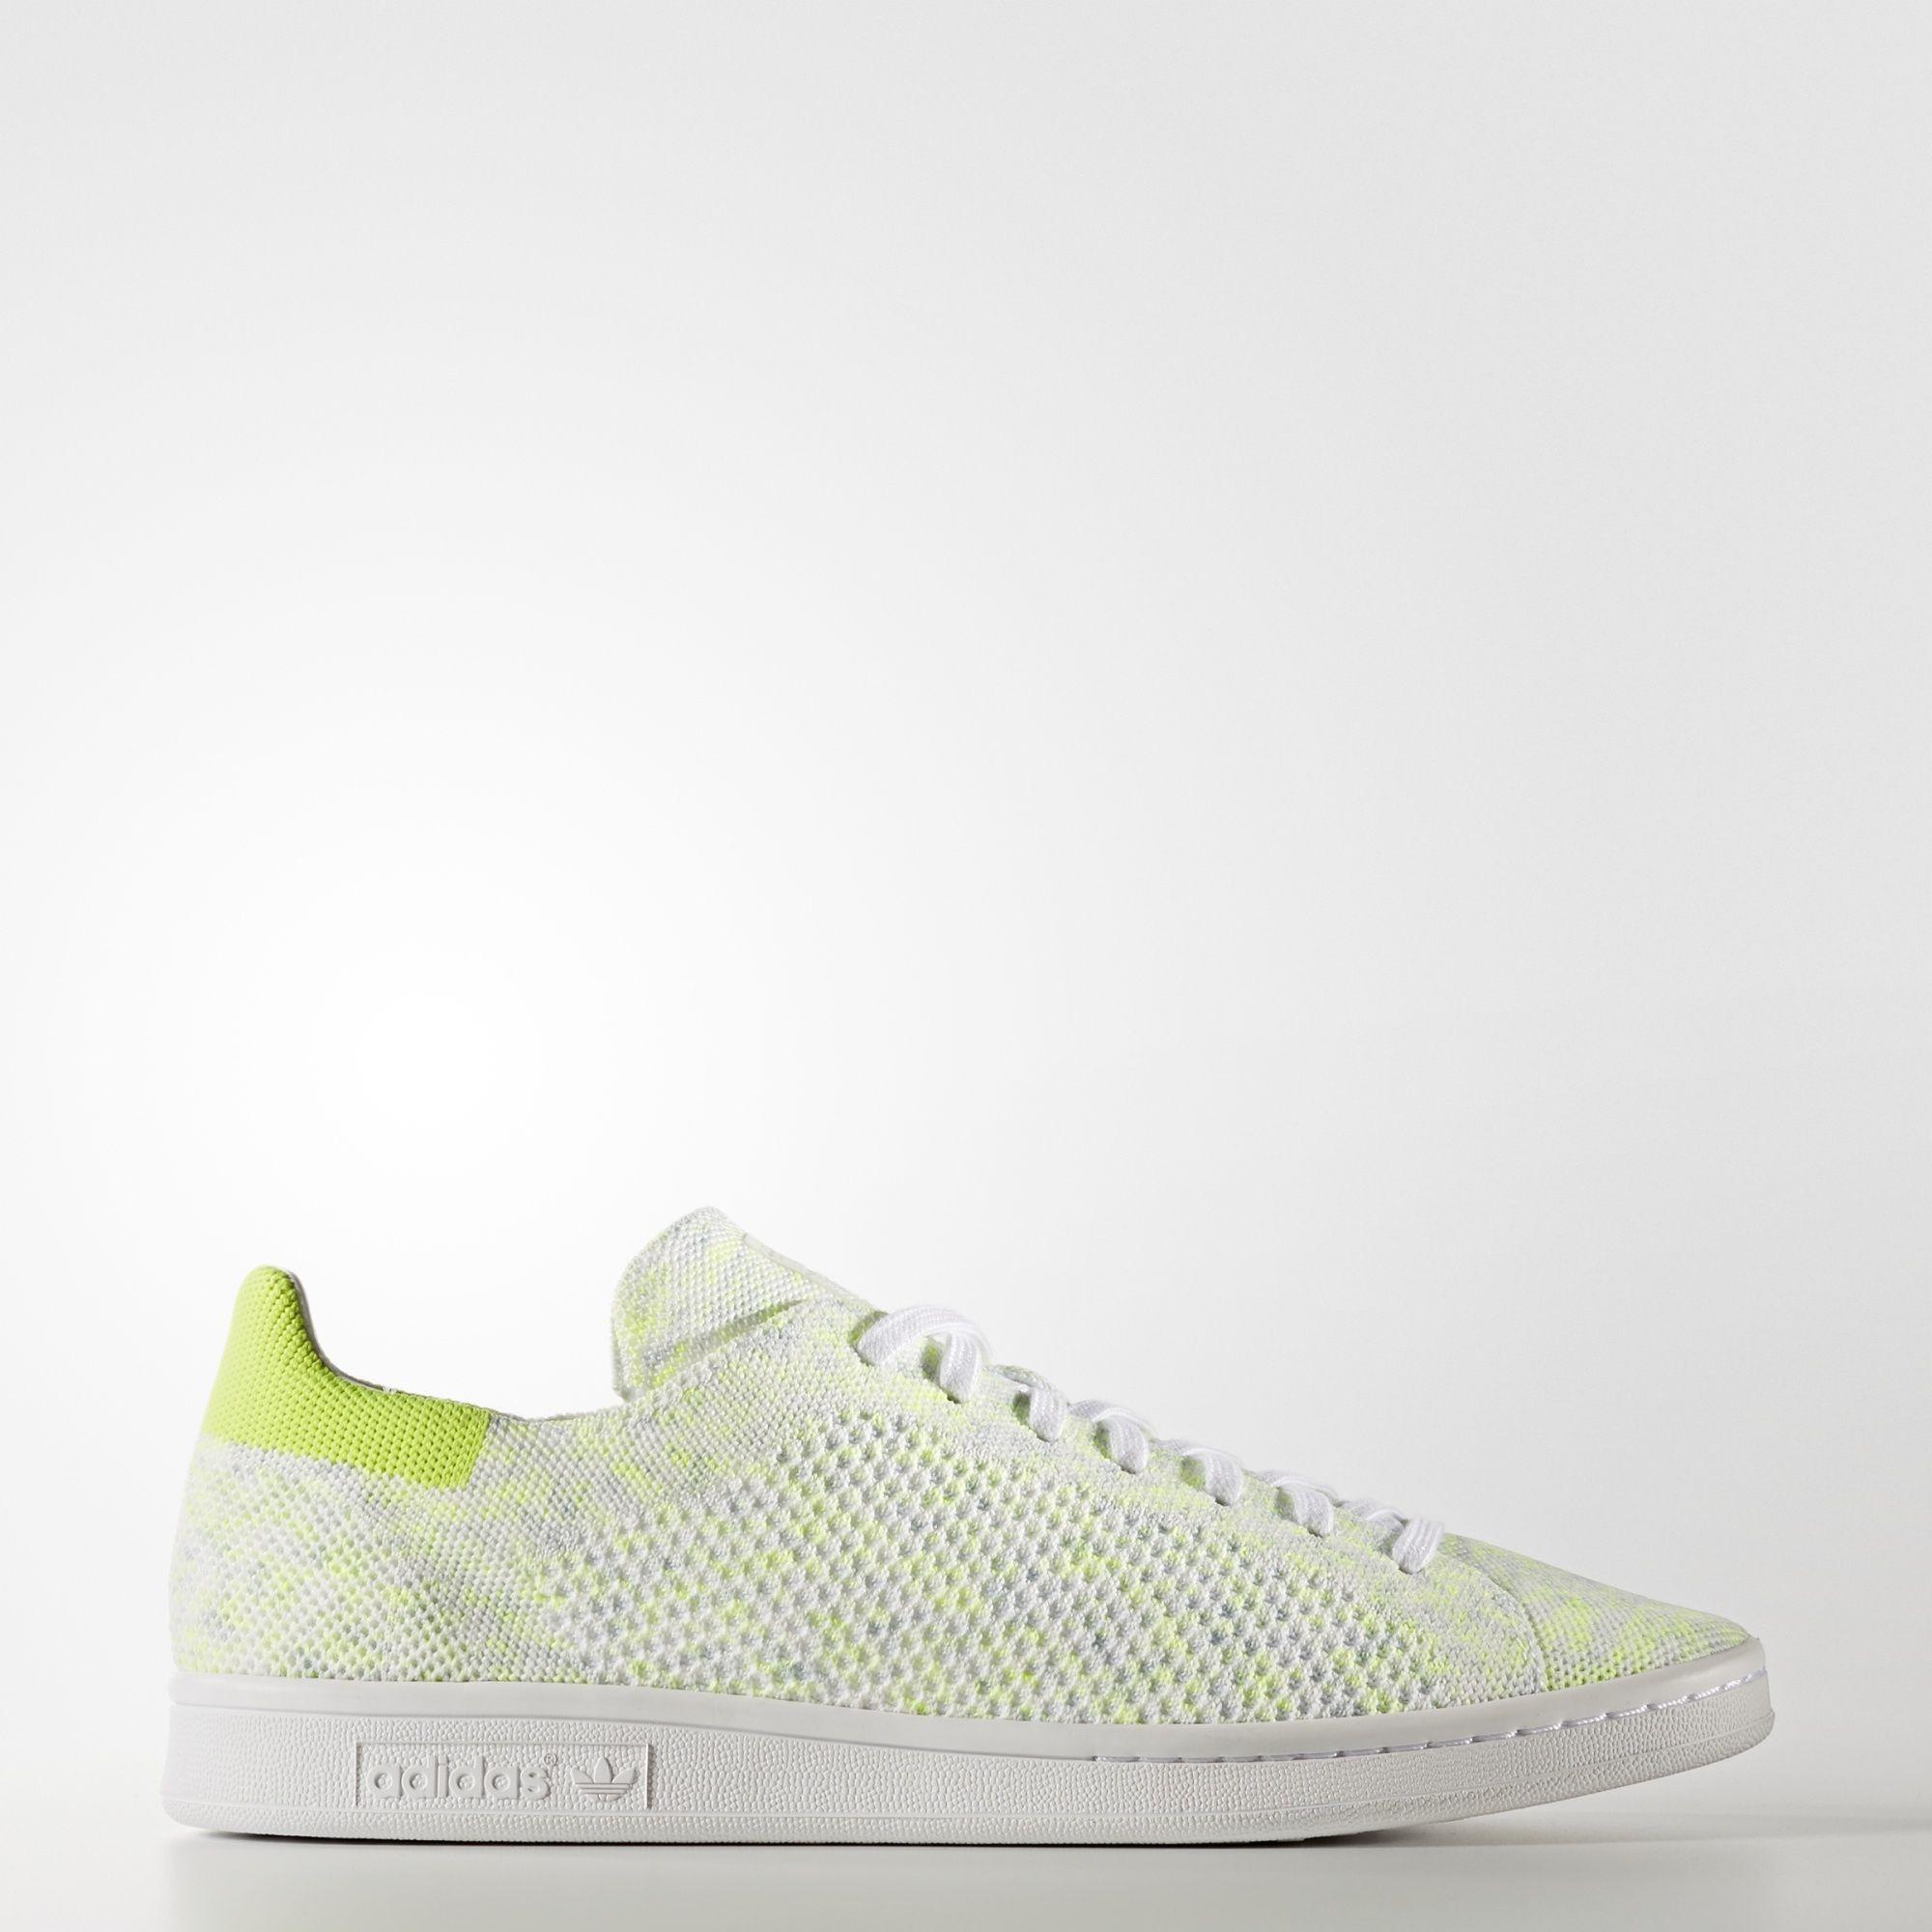 Adidas Stan Smith Primeknit Zapatillas Blancas/Amarillas BA7439